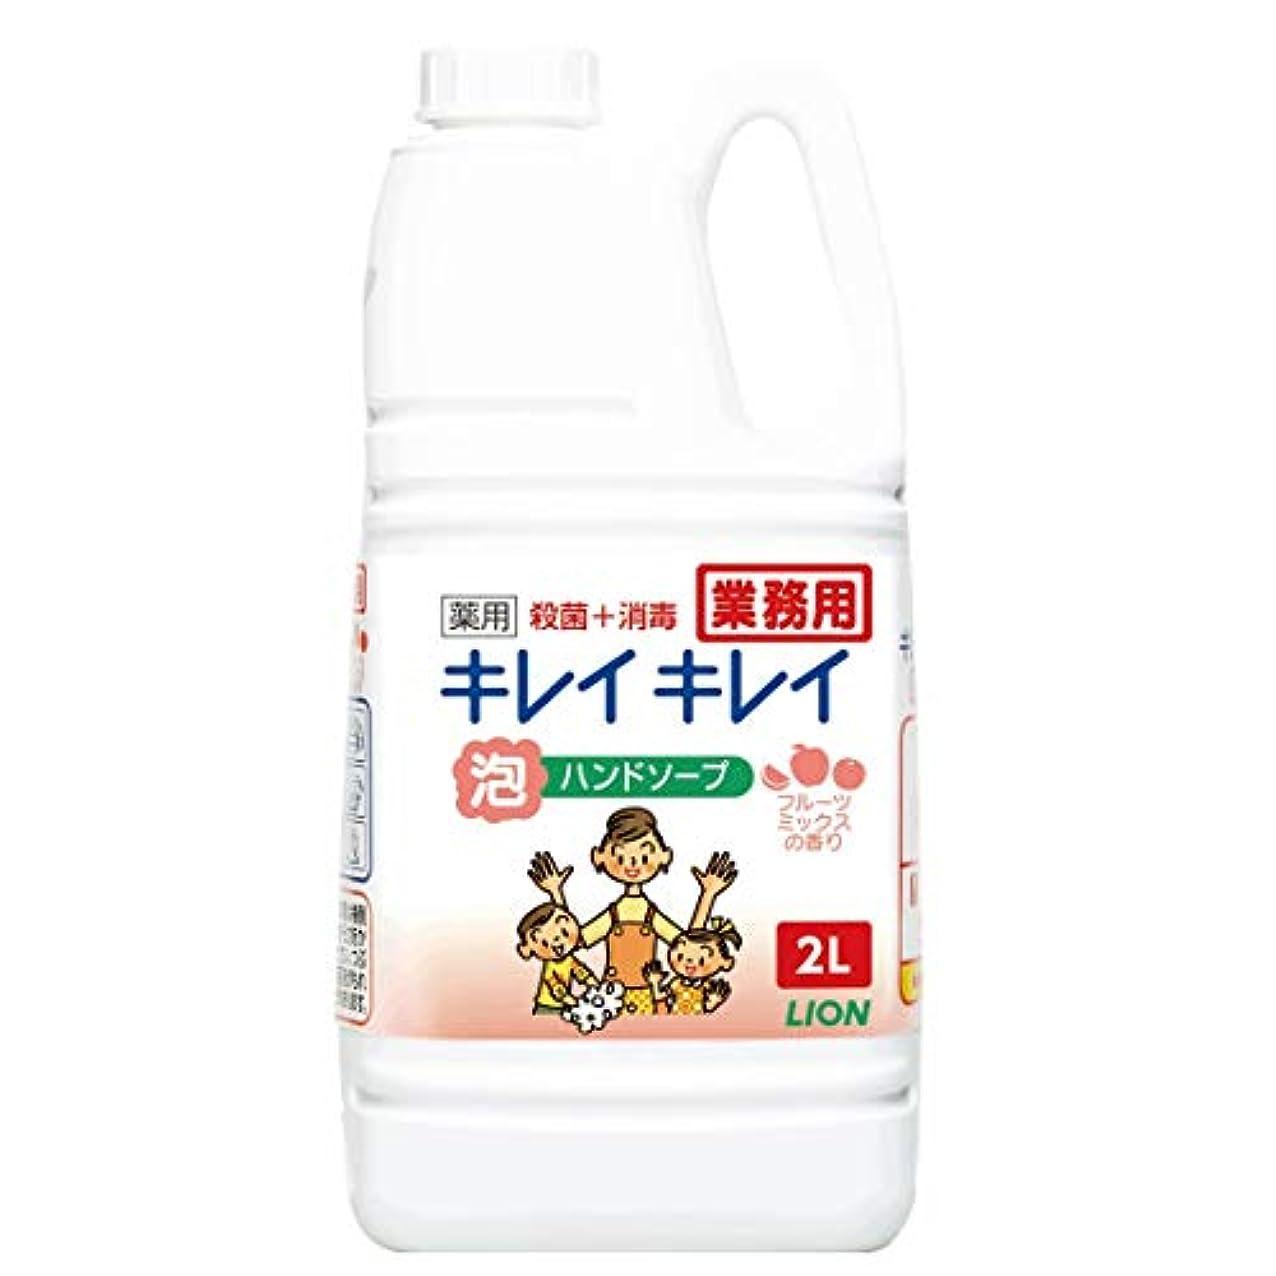 ジュニア中で繁栄する【大容量】キレイキレイ 薬用泡ハンドソープ フルーツミックスの香り 2L